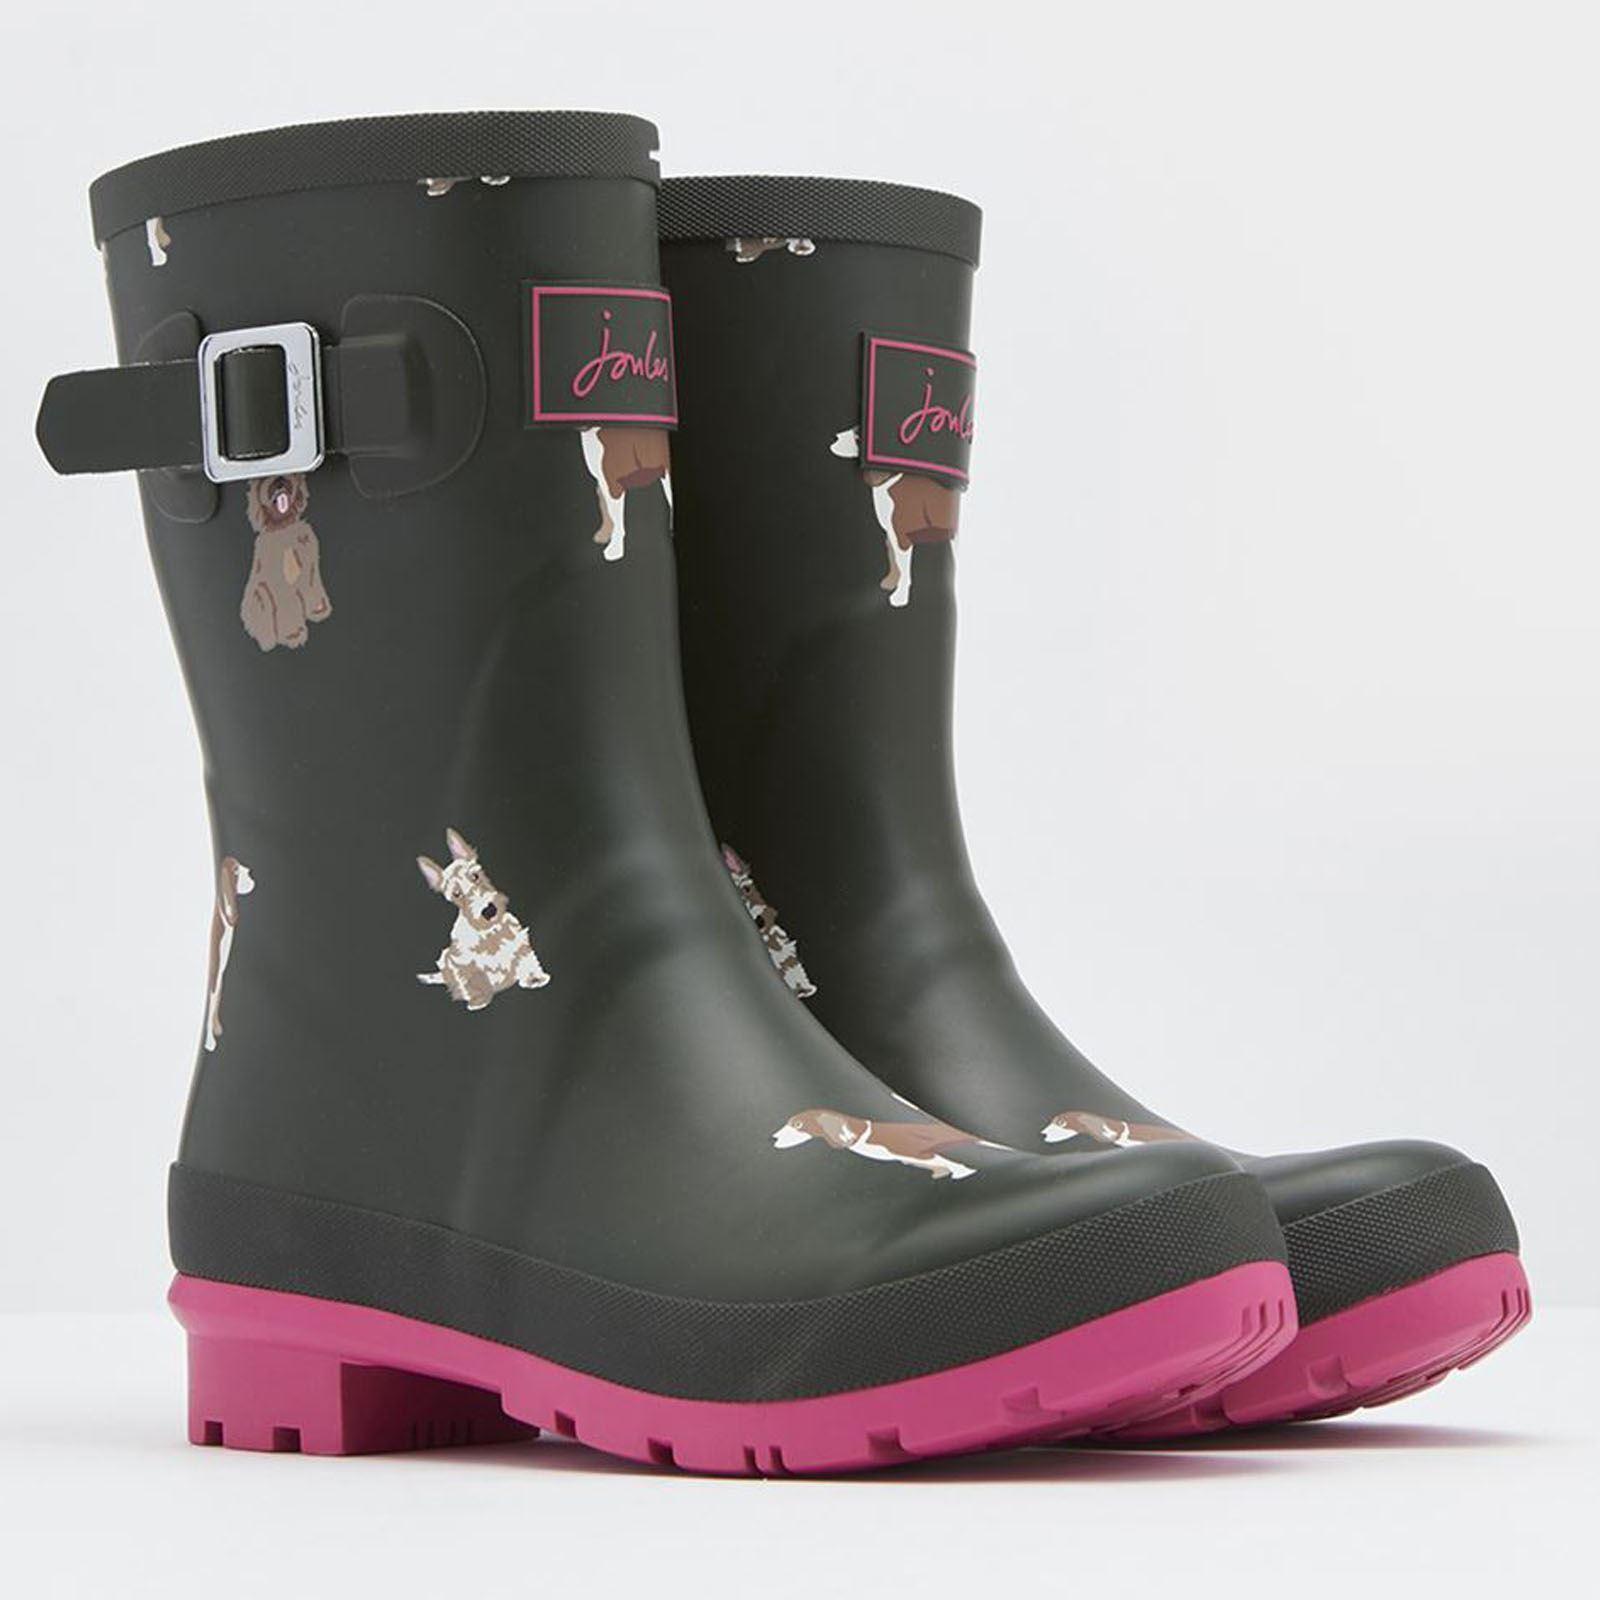 Joules Molly Imprimé Femmes Imperméable Yard Stable Caoutchouc Muck Wellington Boots